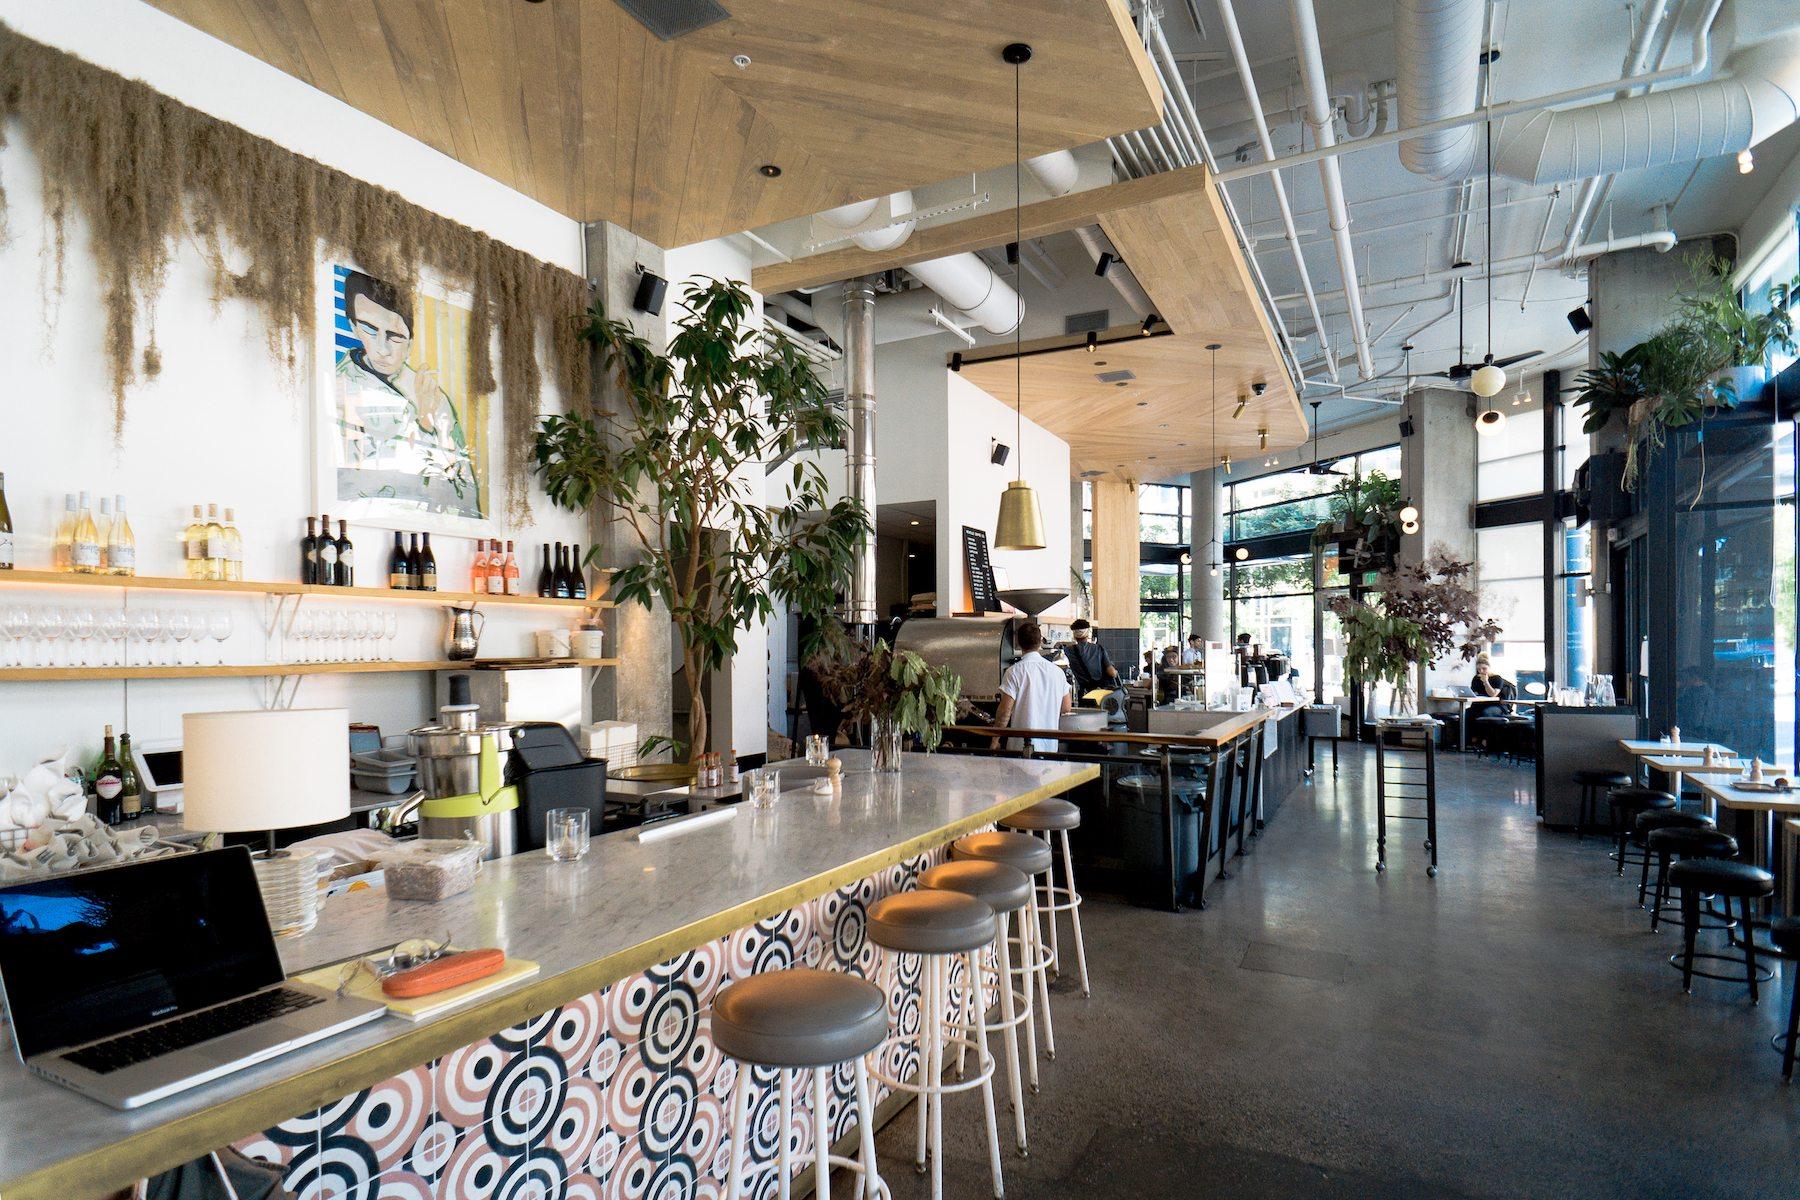 Café Revielle. Photo: Justin Wong, 49miles.com.